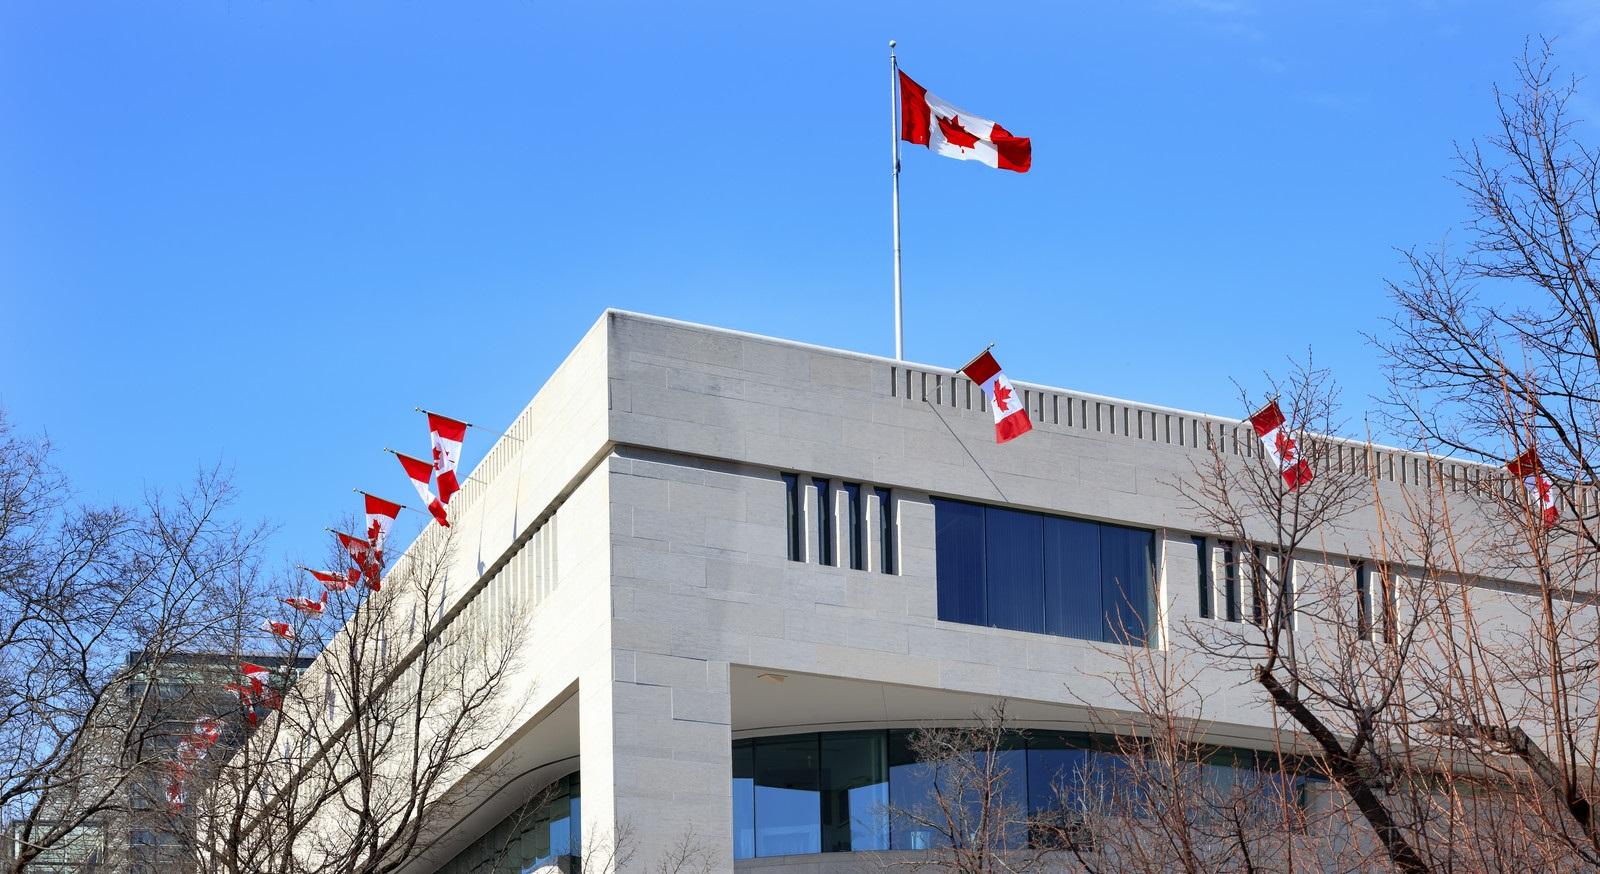 посольство канады астана фото магазин